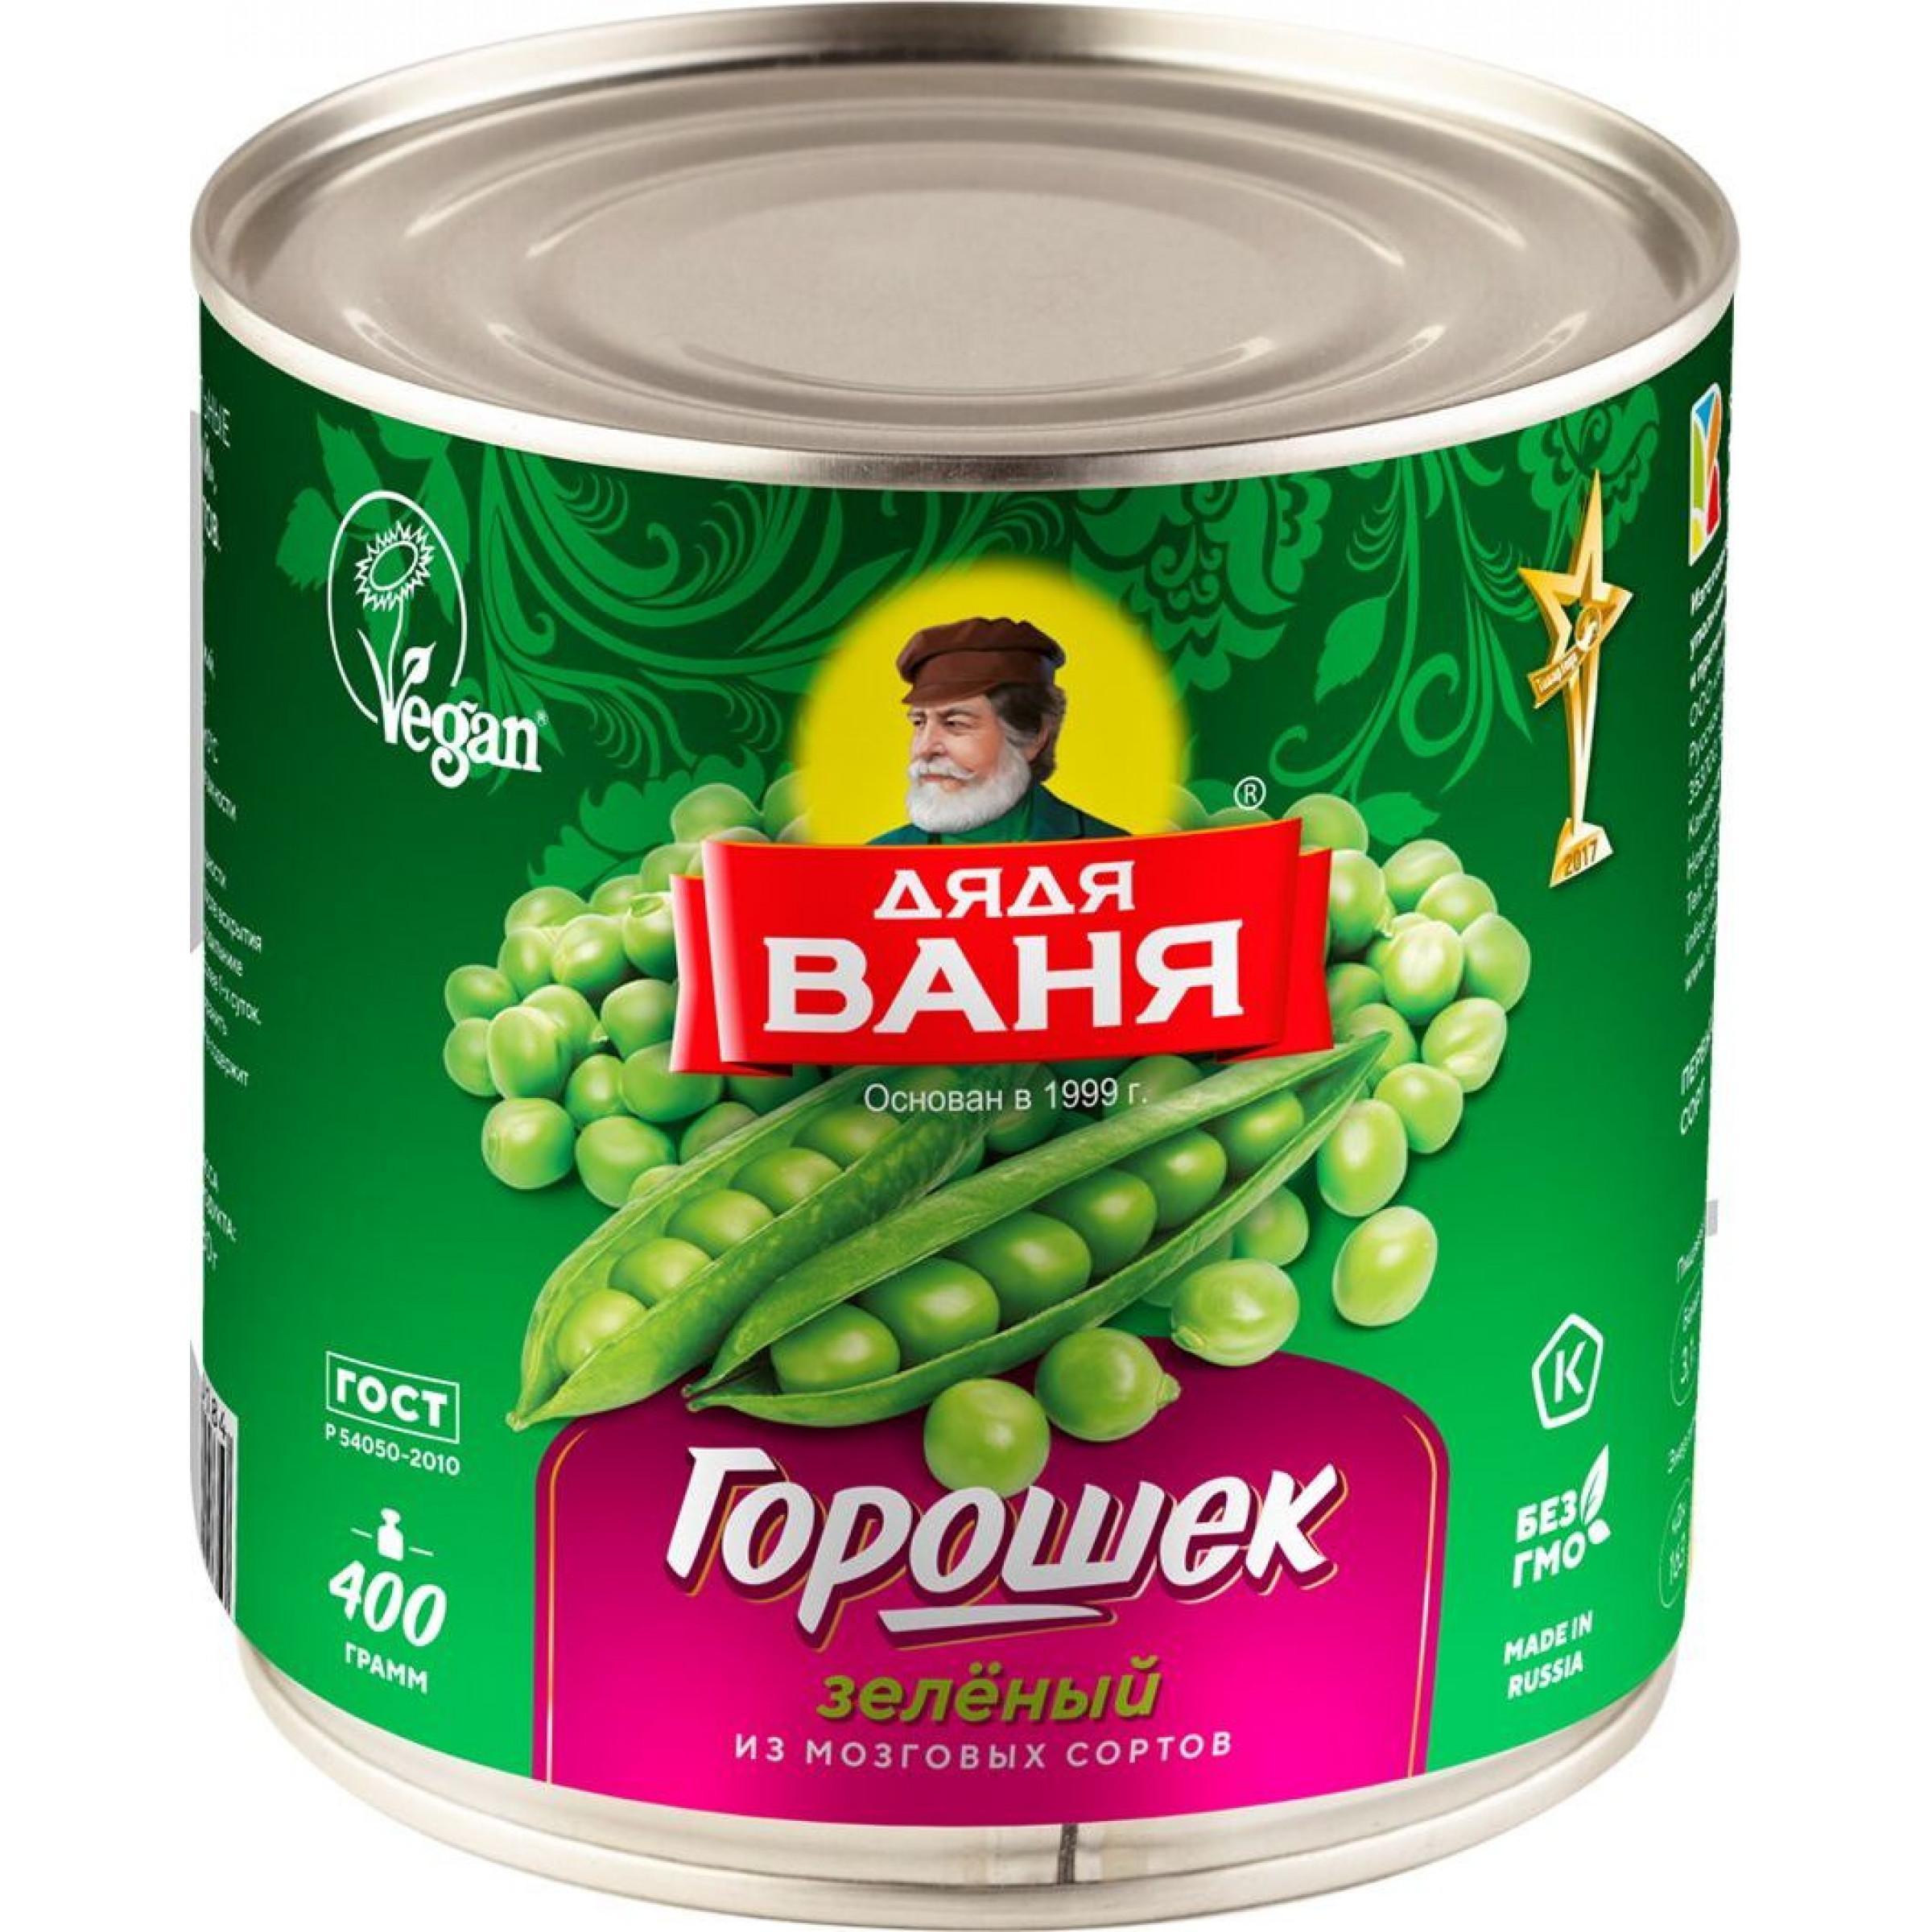 Горошек зеленый консервированный Дядя Ваня, 400гр